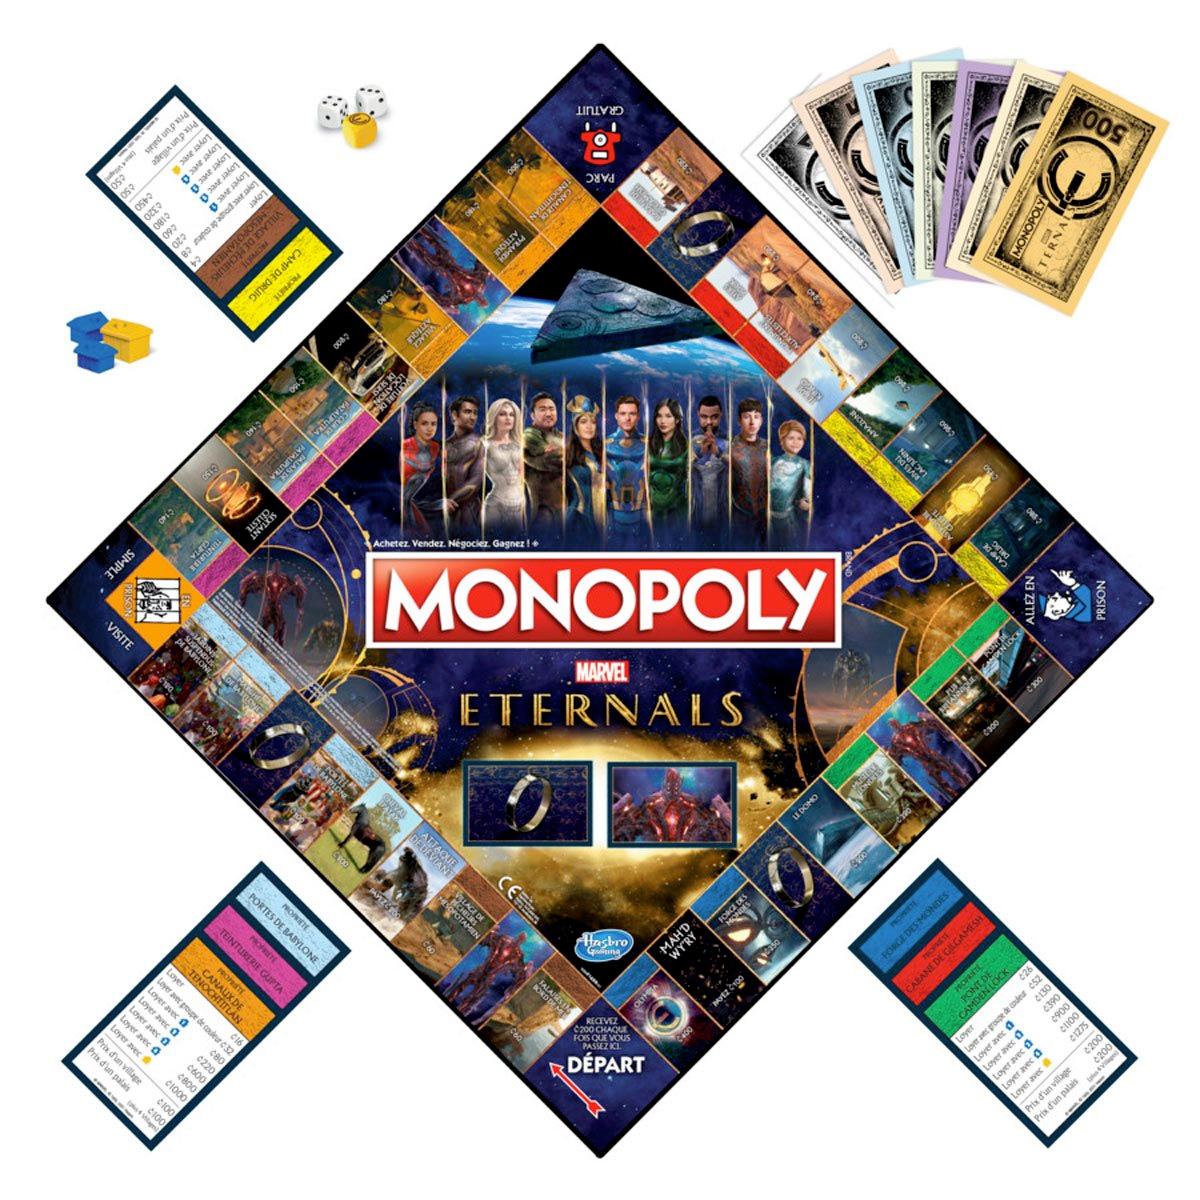 Jogo Monopoly do Filme Eternos (Eternals) da Marvel